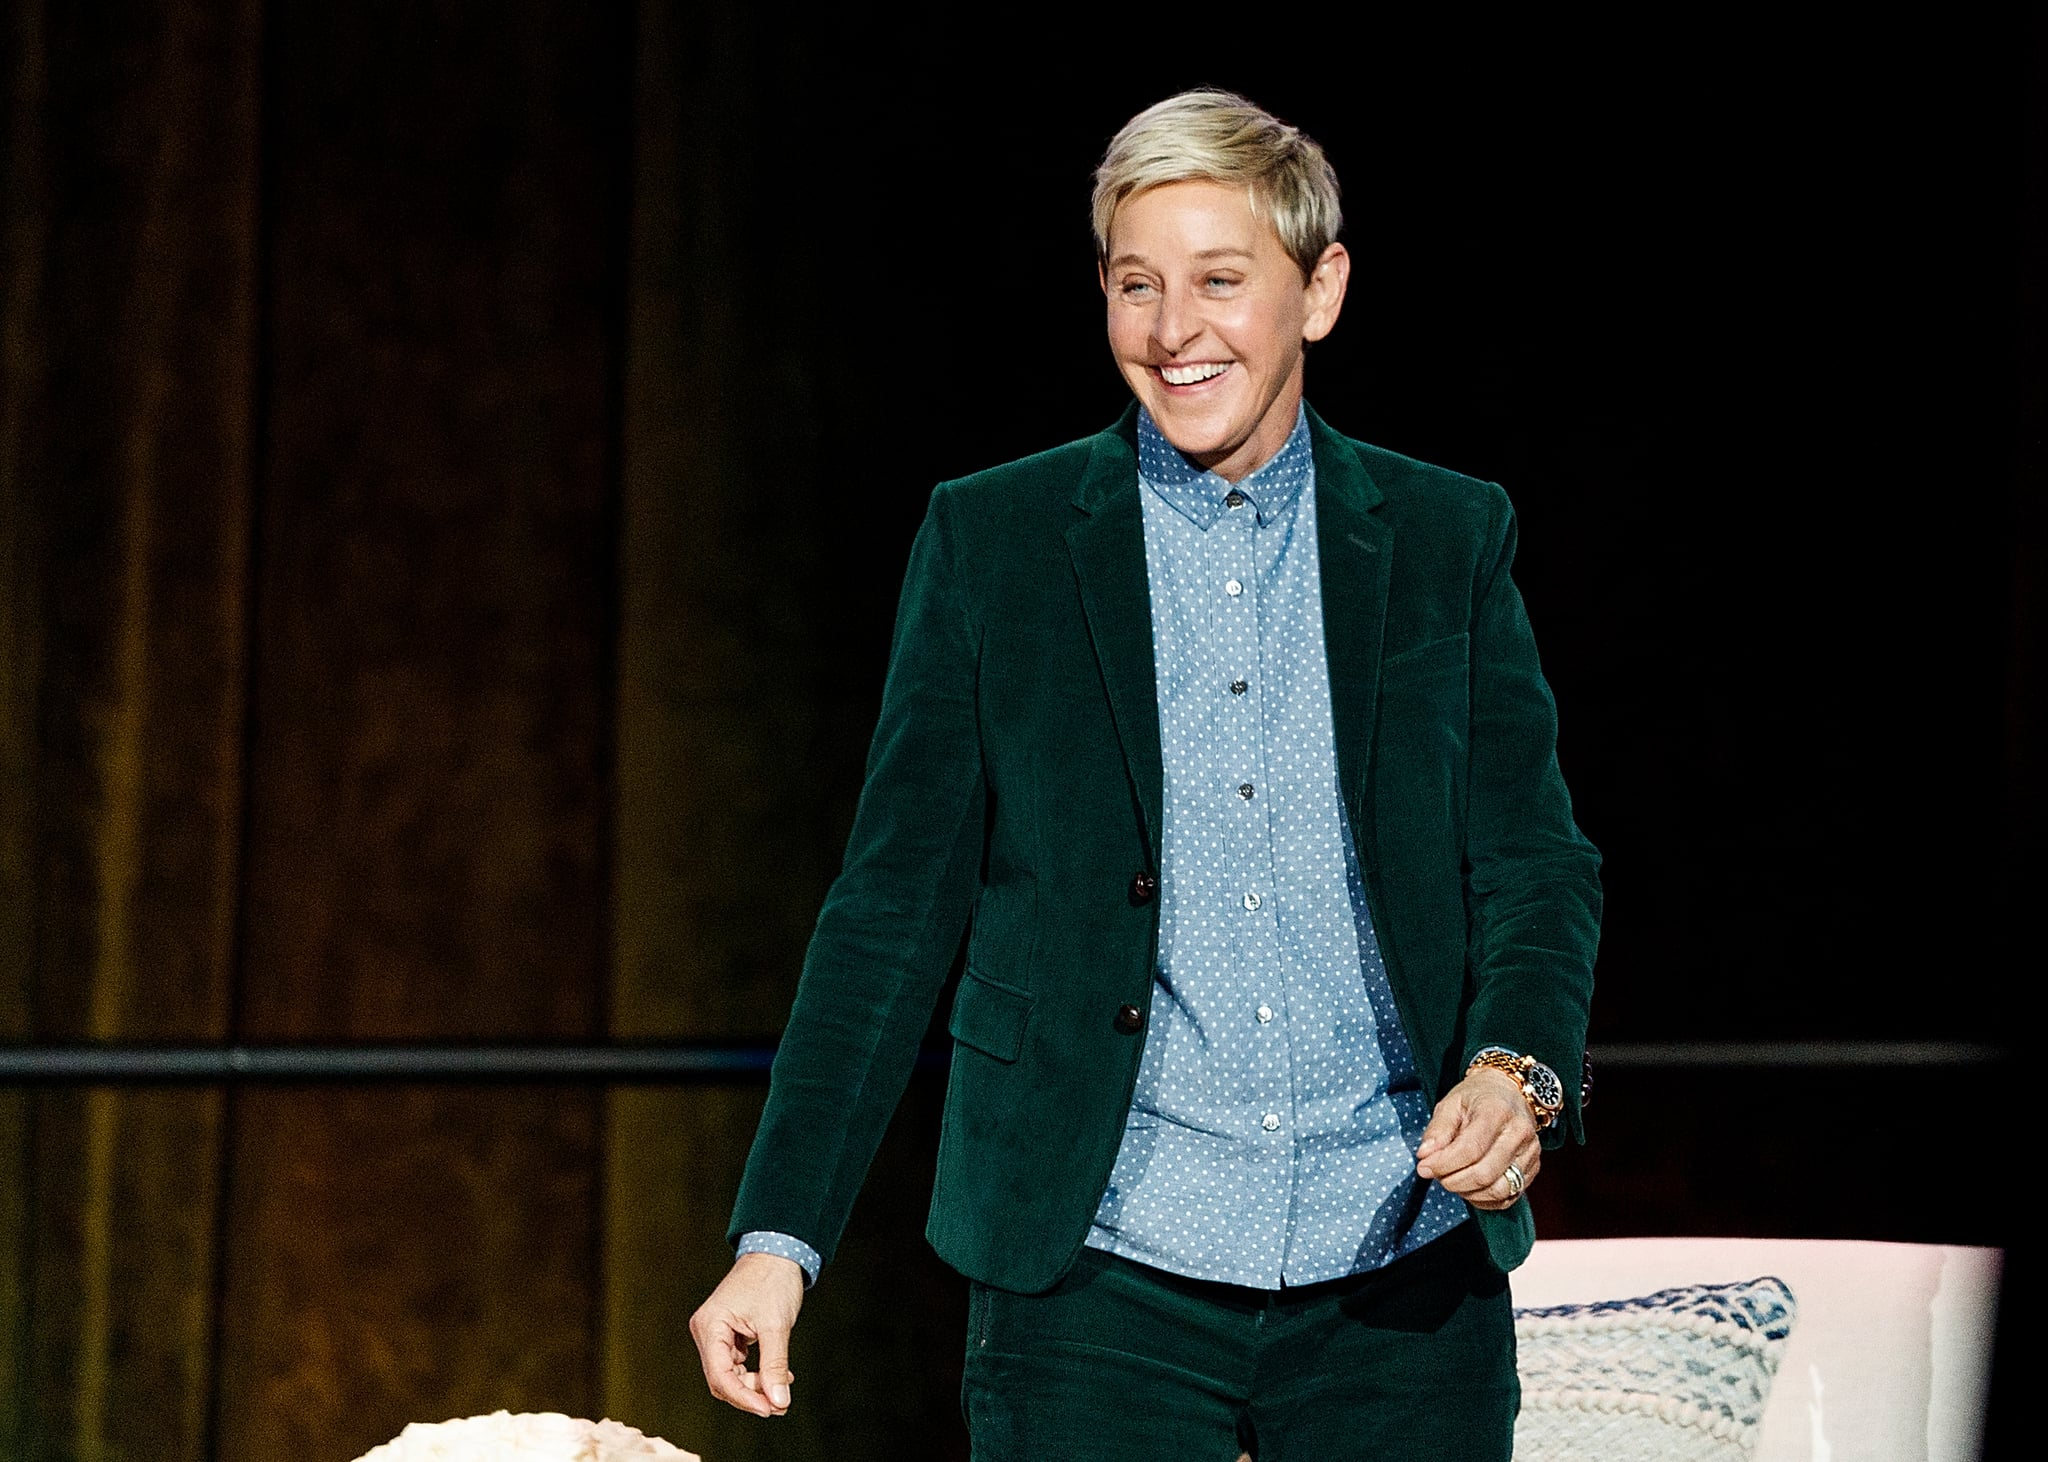 VANCOUVER, BC - OCTOBER 19:  Comedian Ellen DeGeneres seen onstage during